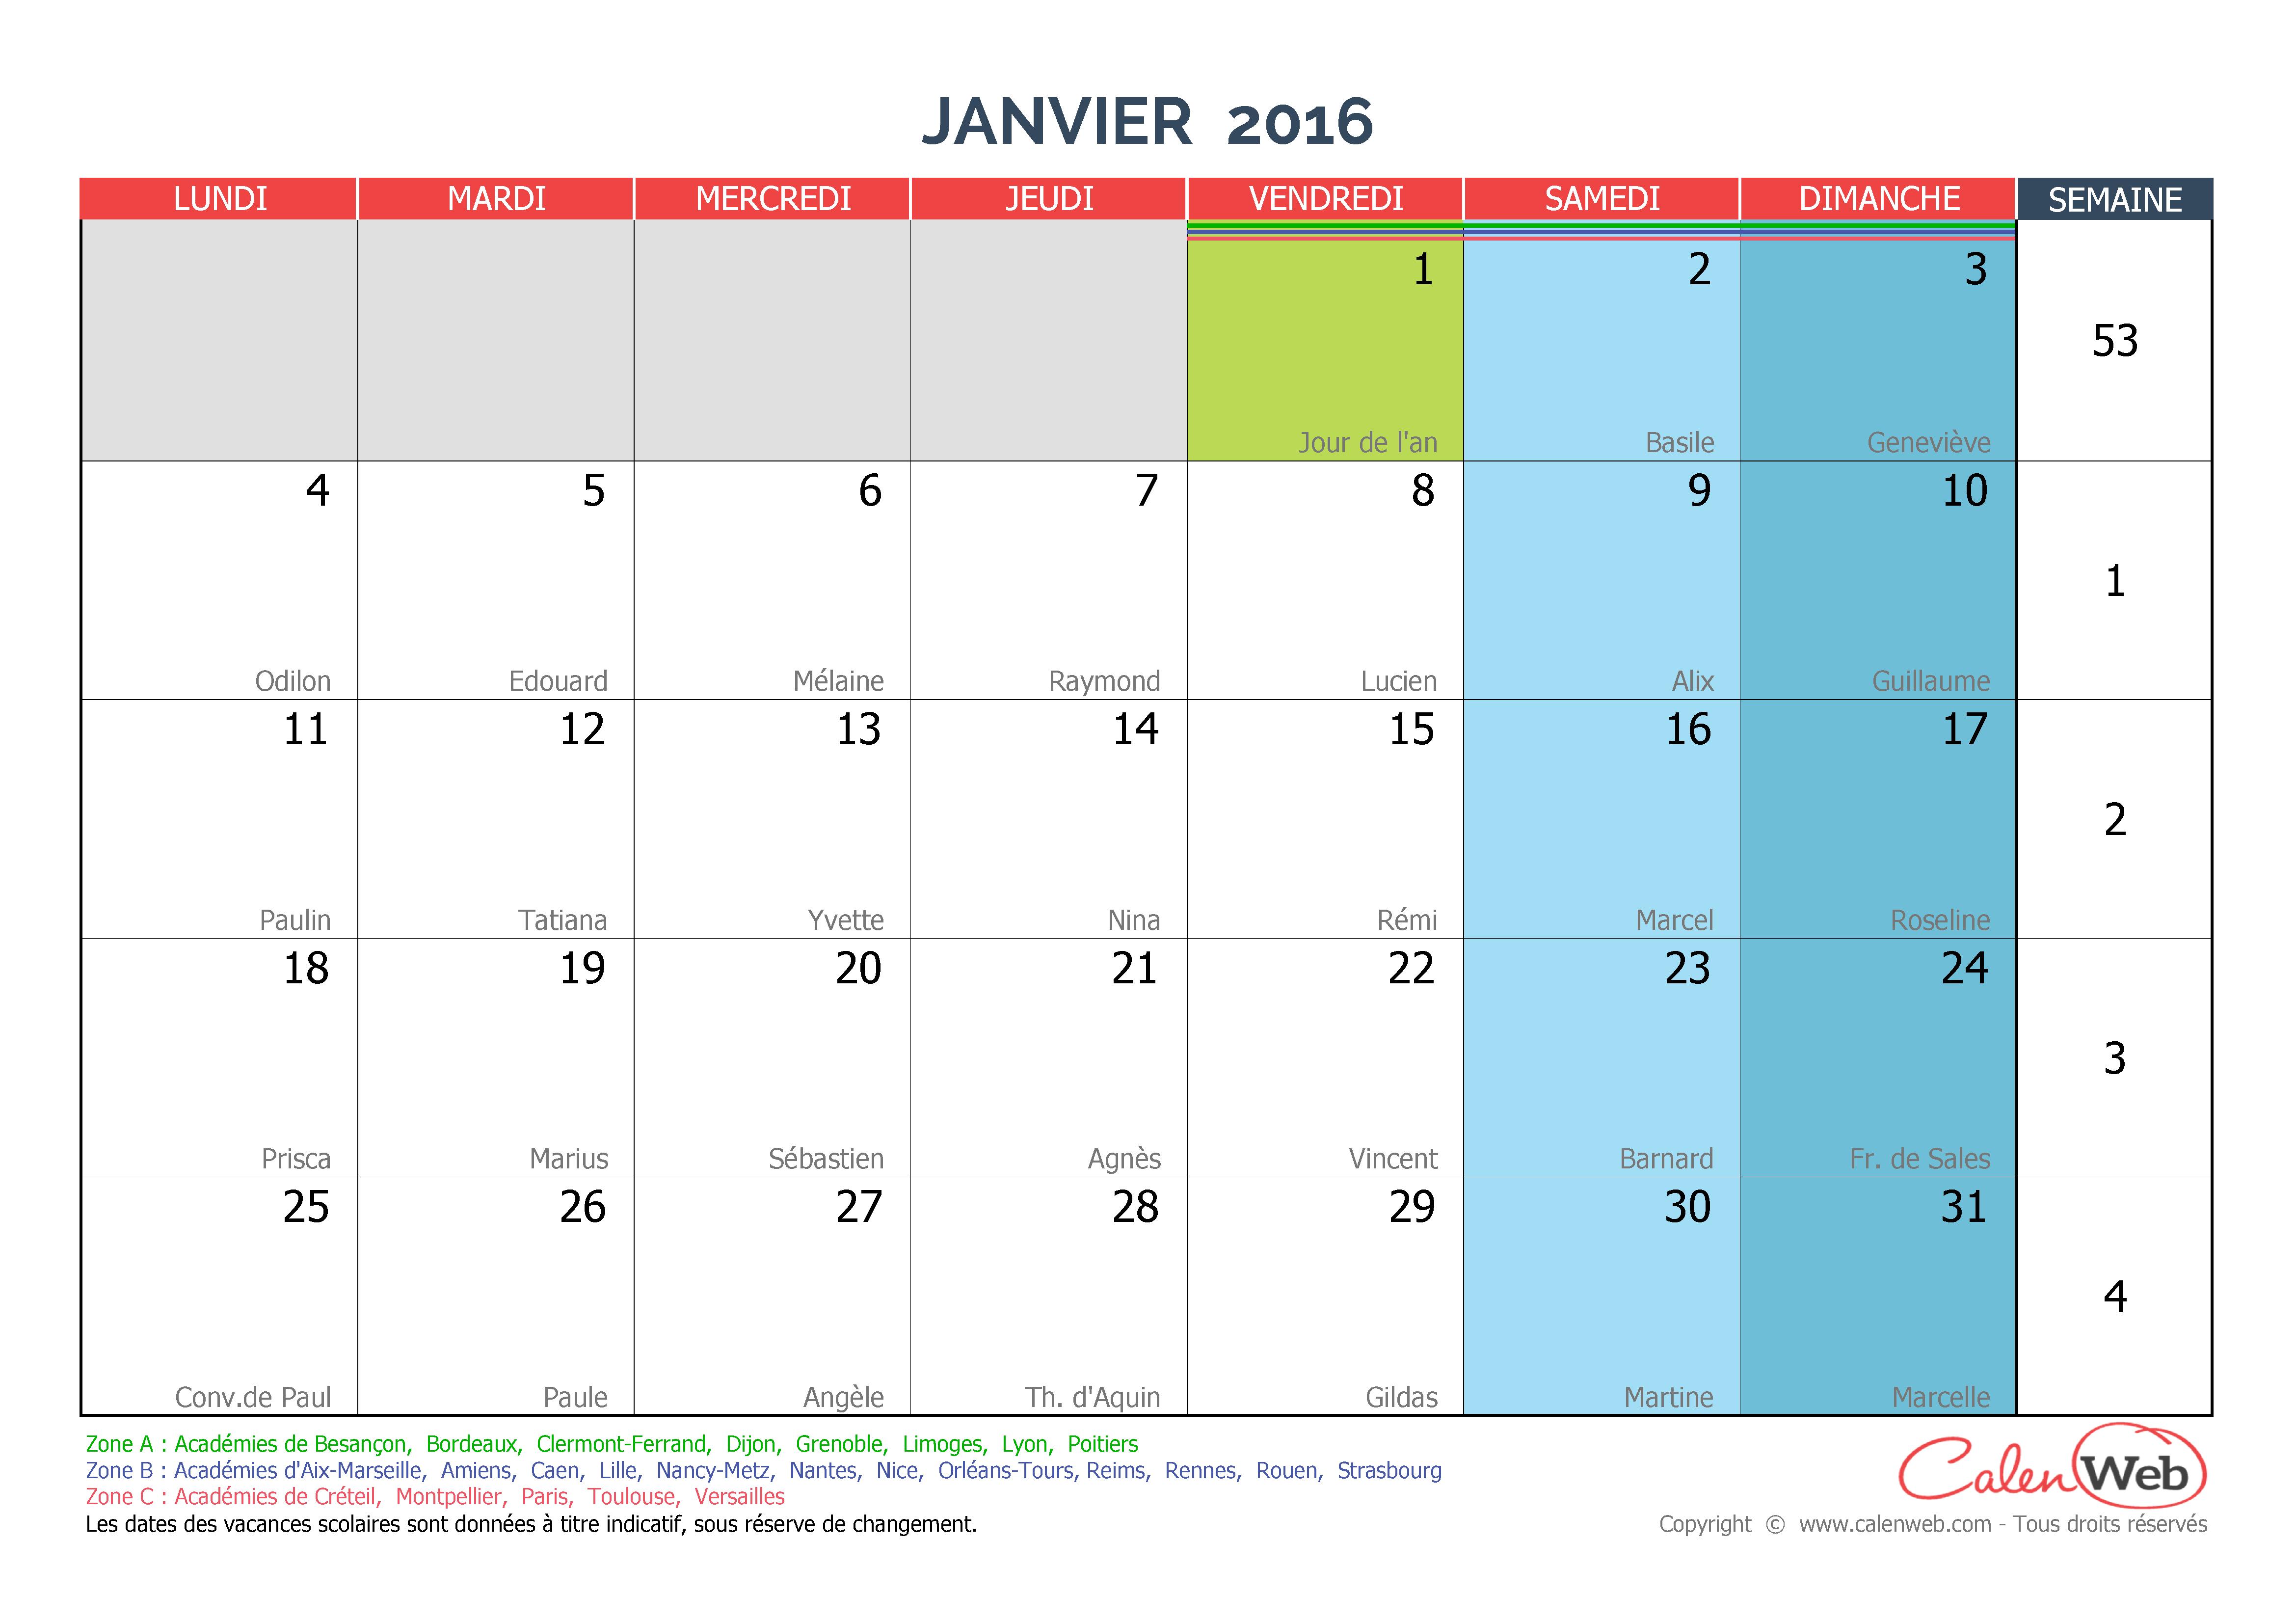 Calendrier mensuel mois de janvier 2016 avec f tes jours f ri s et vacances scolaires - Vacances de noel 2016 dates ...